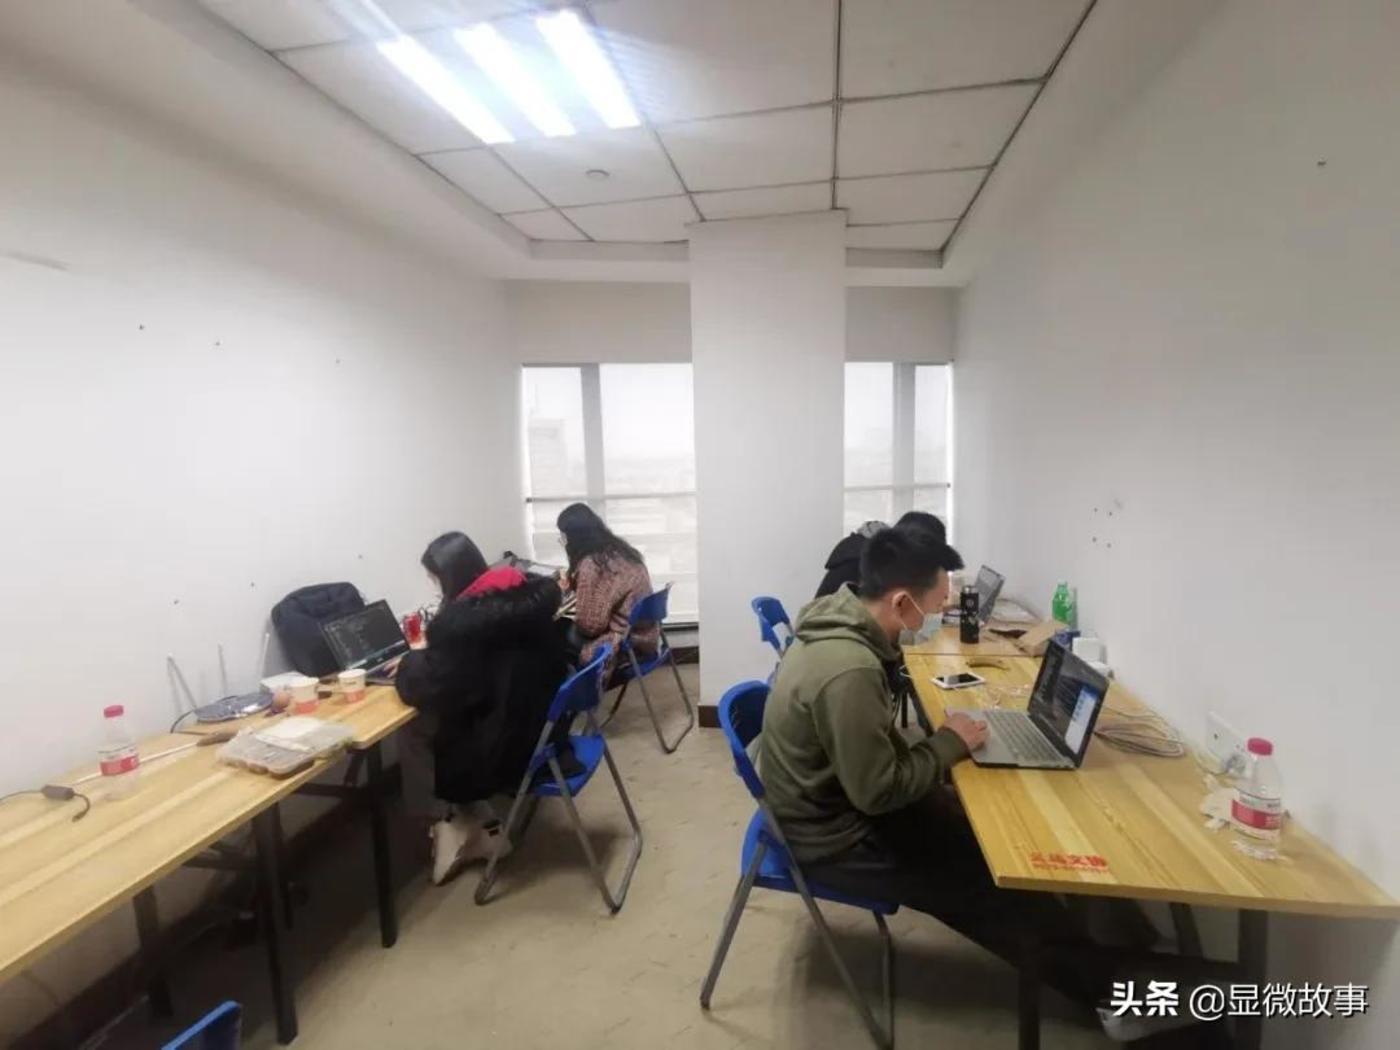 图 | 2月底,安畅网络组建一支团队自驾前往义乌,集中封闭开发数字贸易平台。